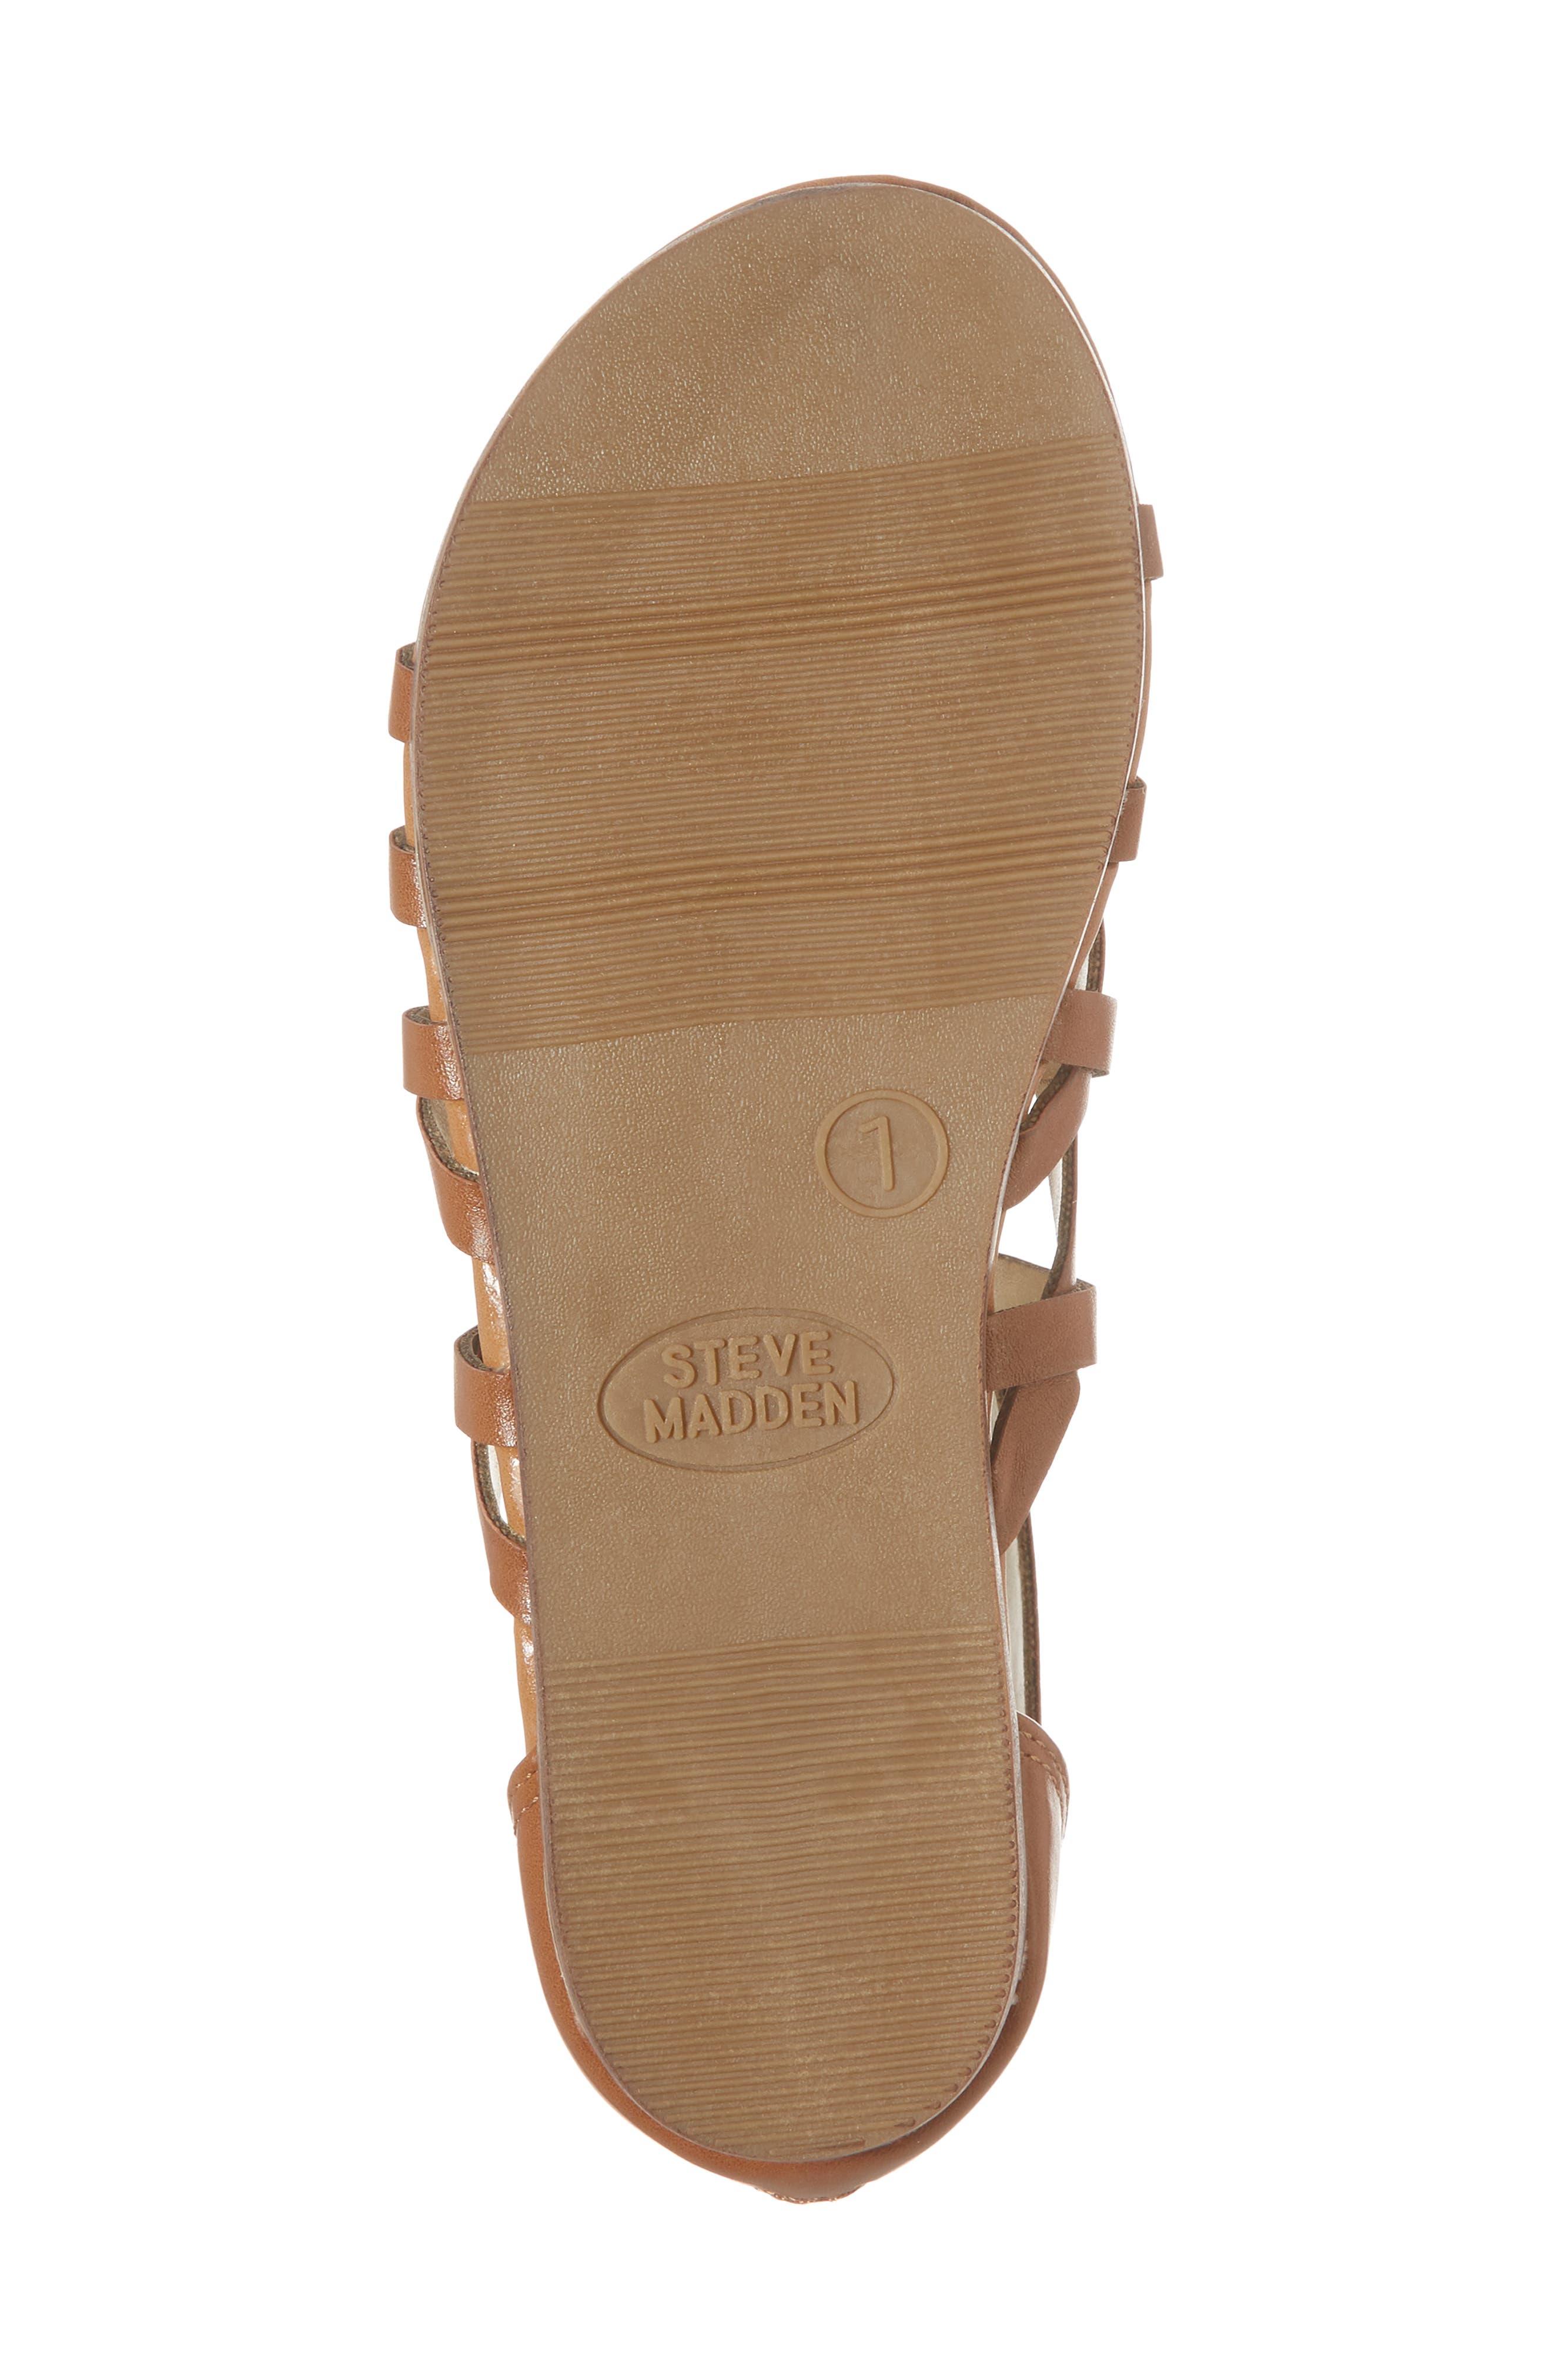 JCOMET Gladiator Sandal,                             Alternate thumbnail 6, color,